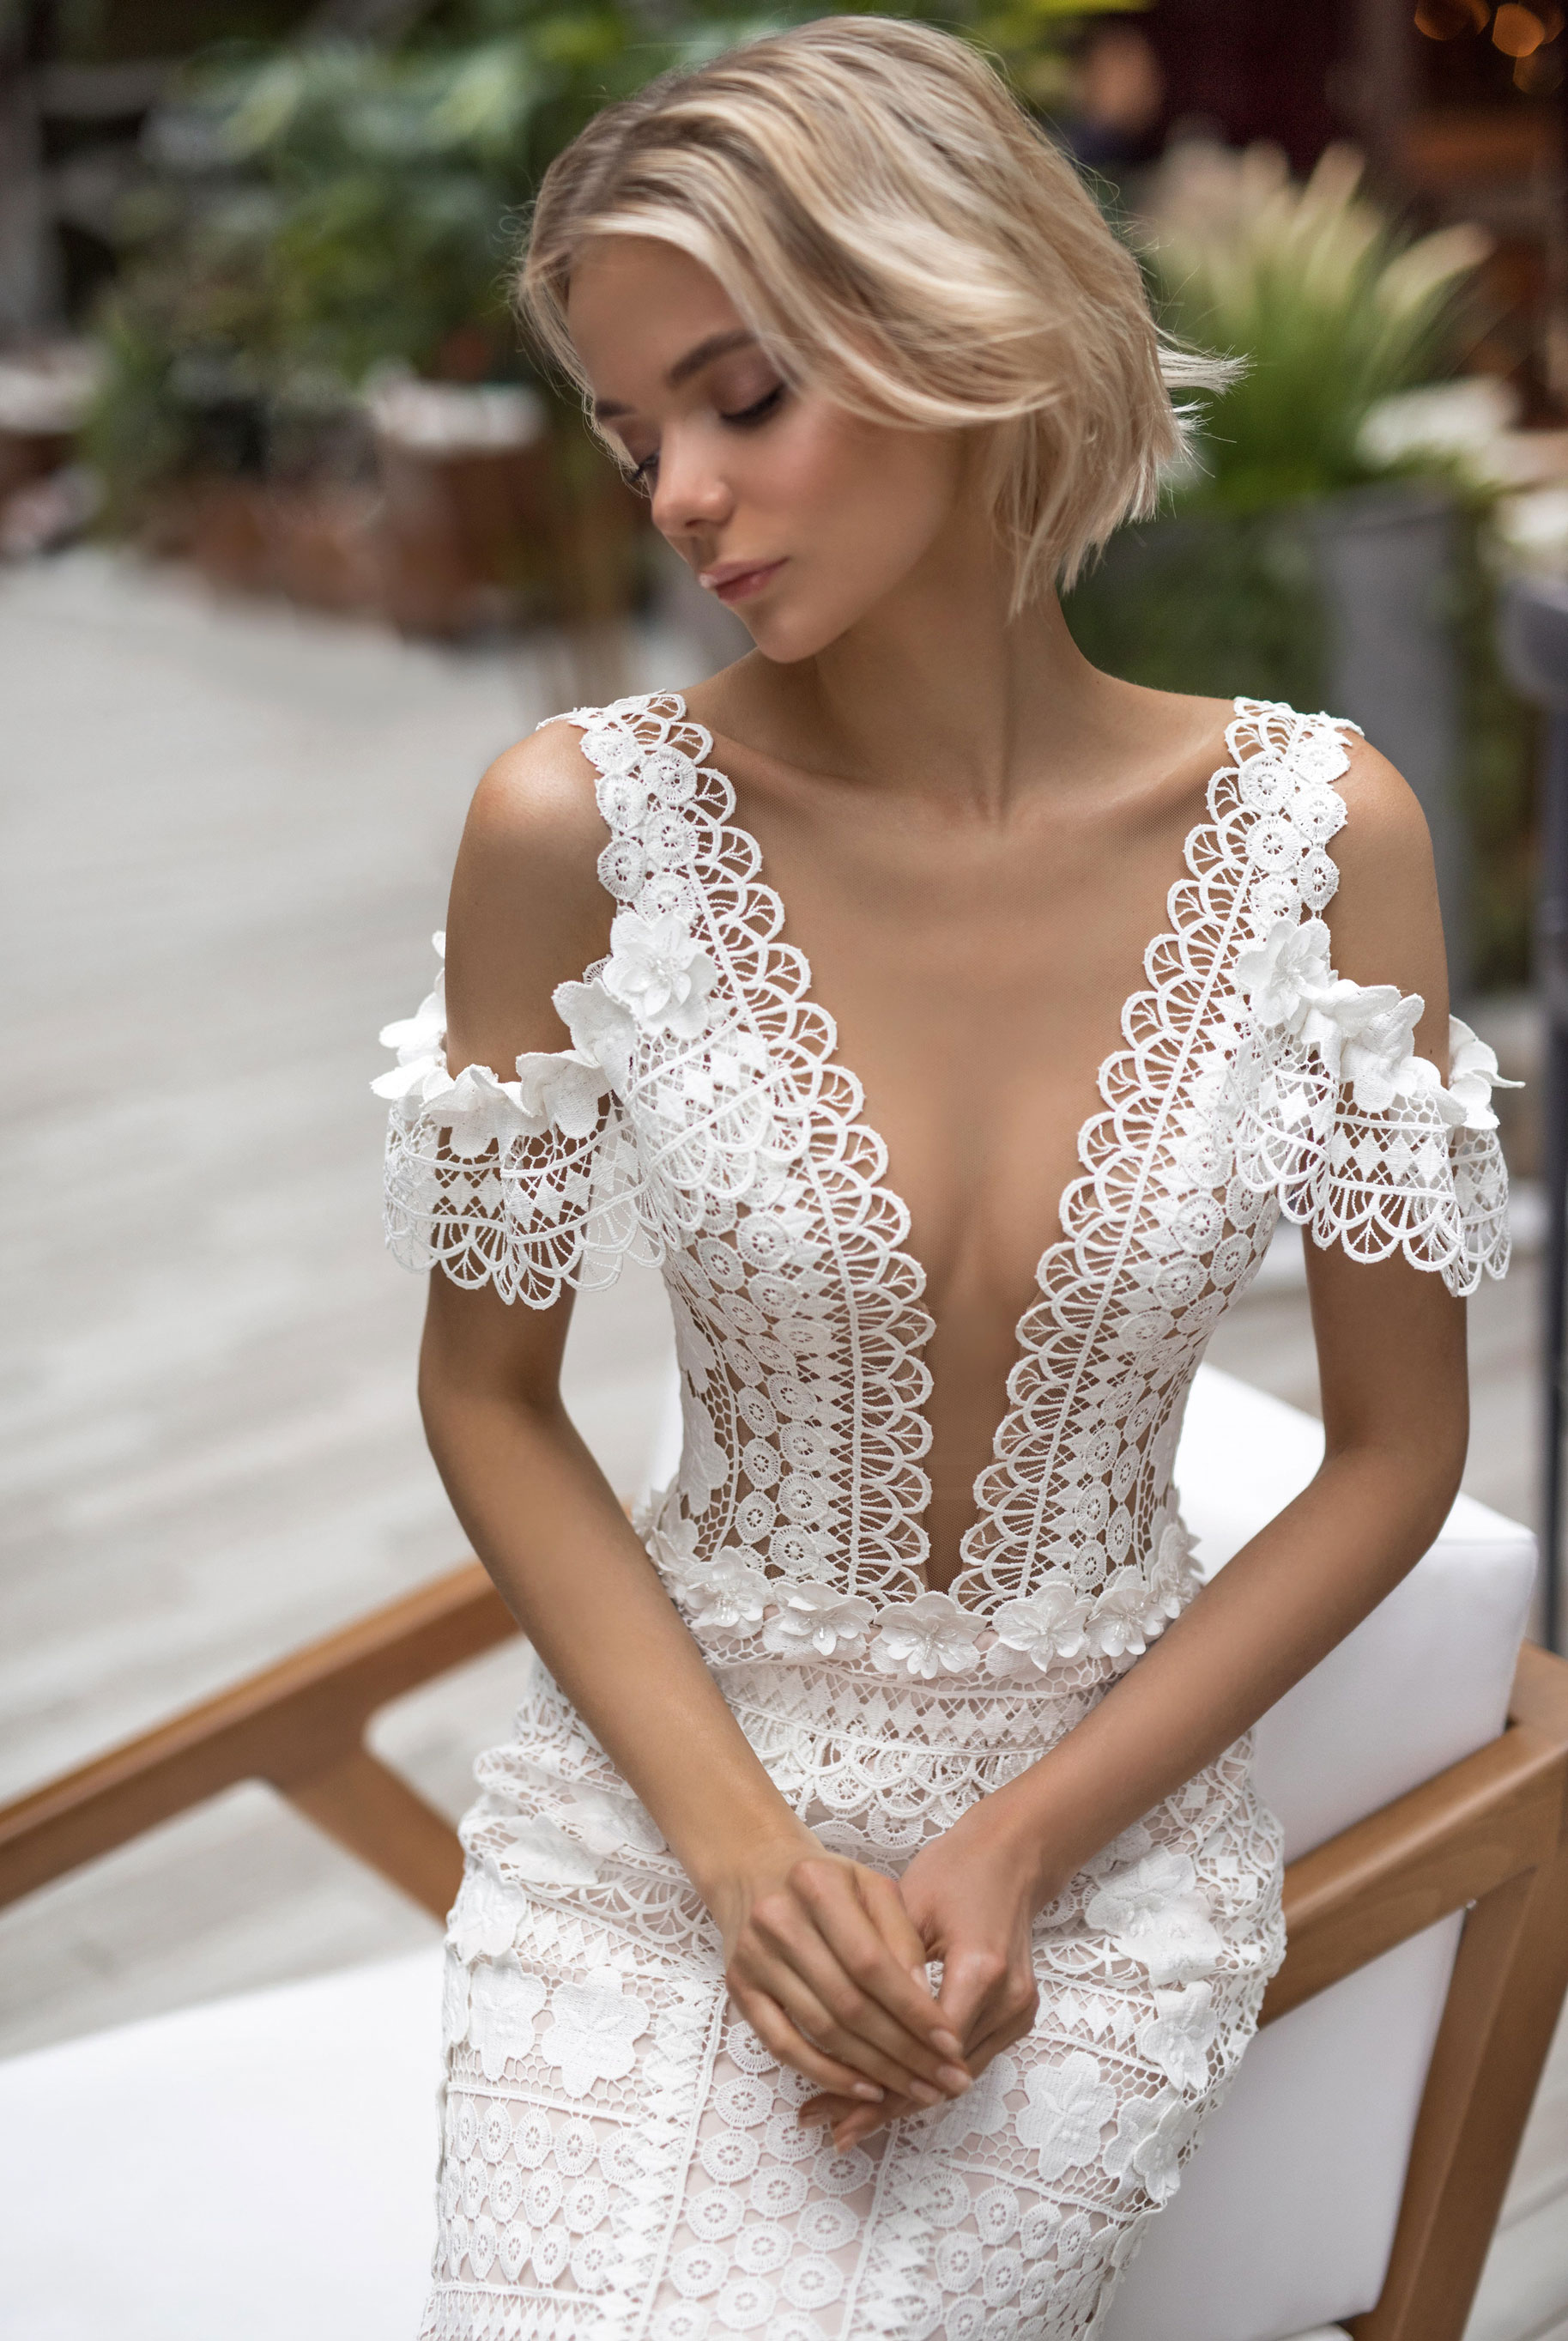 Полина Архипова в свадебных платьях модного бренда Strekoza, весна-лето 2019 / фото 04